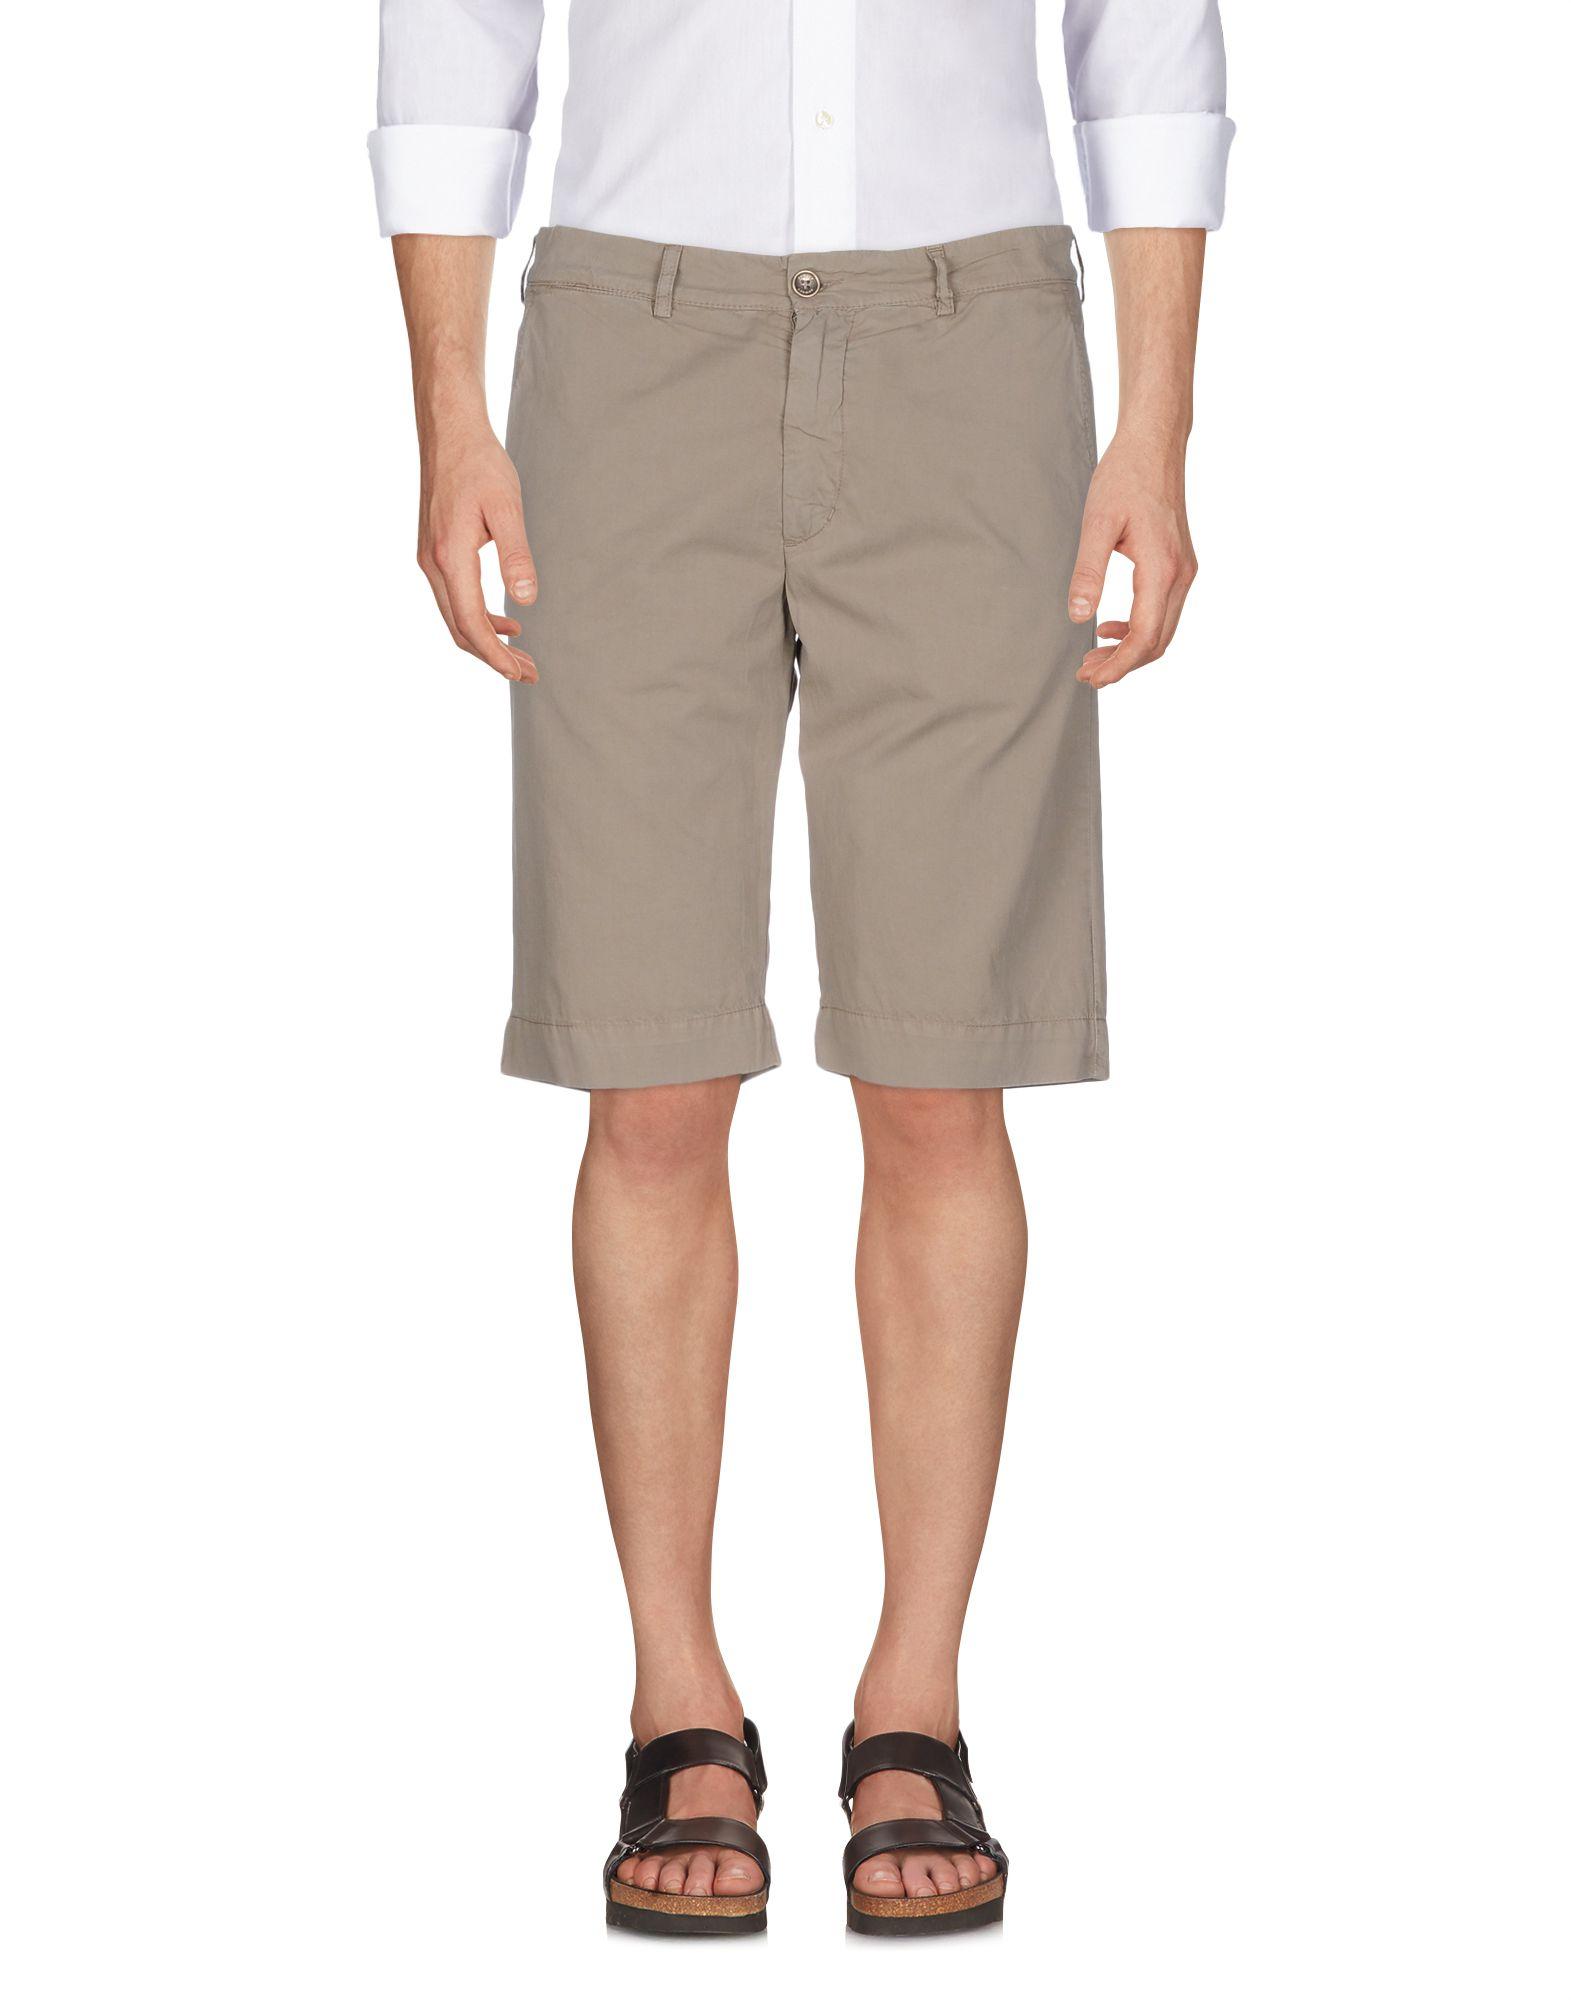 Shorts 13122696MM & Bermuda 40Weft Uomo - 13122696MM Shorts 5b79c4